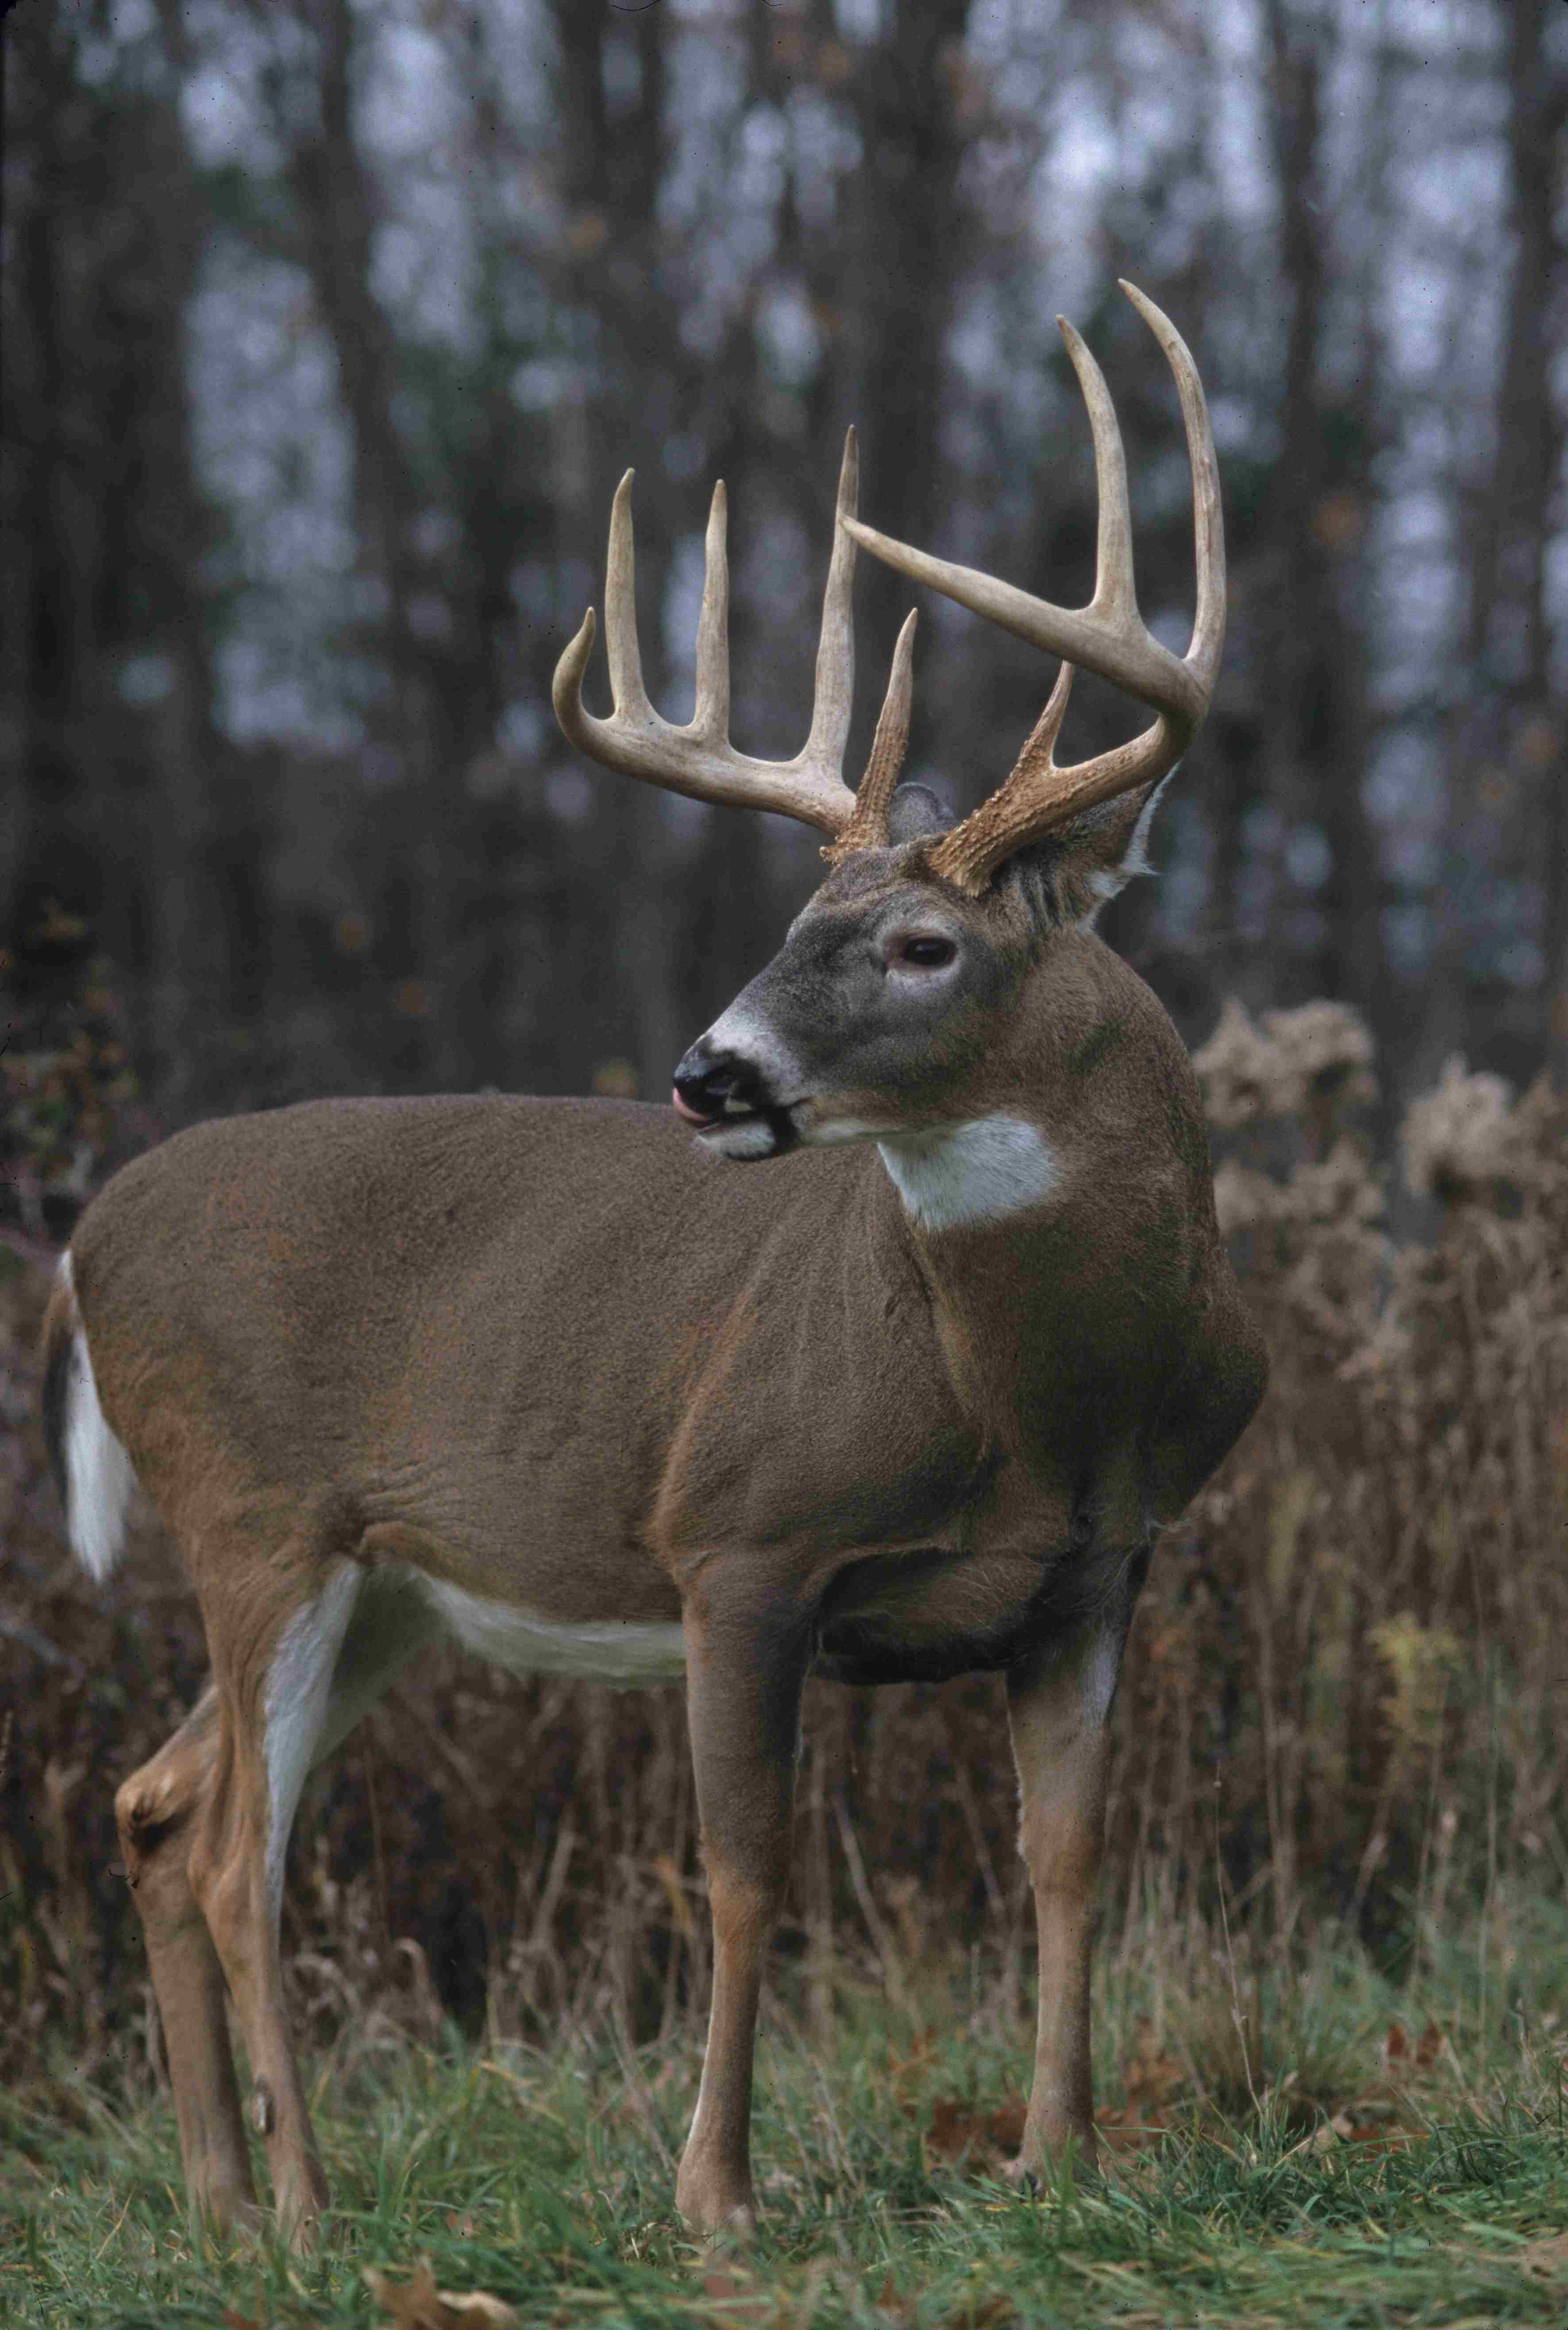 Pin on Deer photos